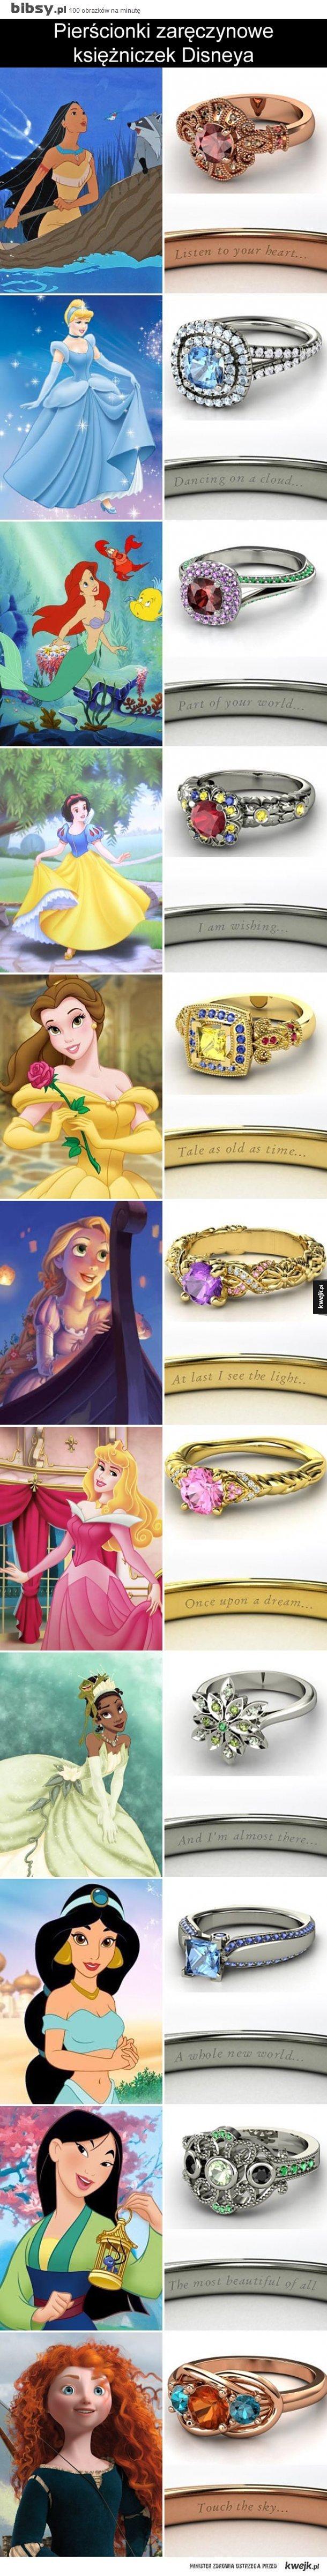 pierścionki zaręczynowe księżniczek Disneya